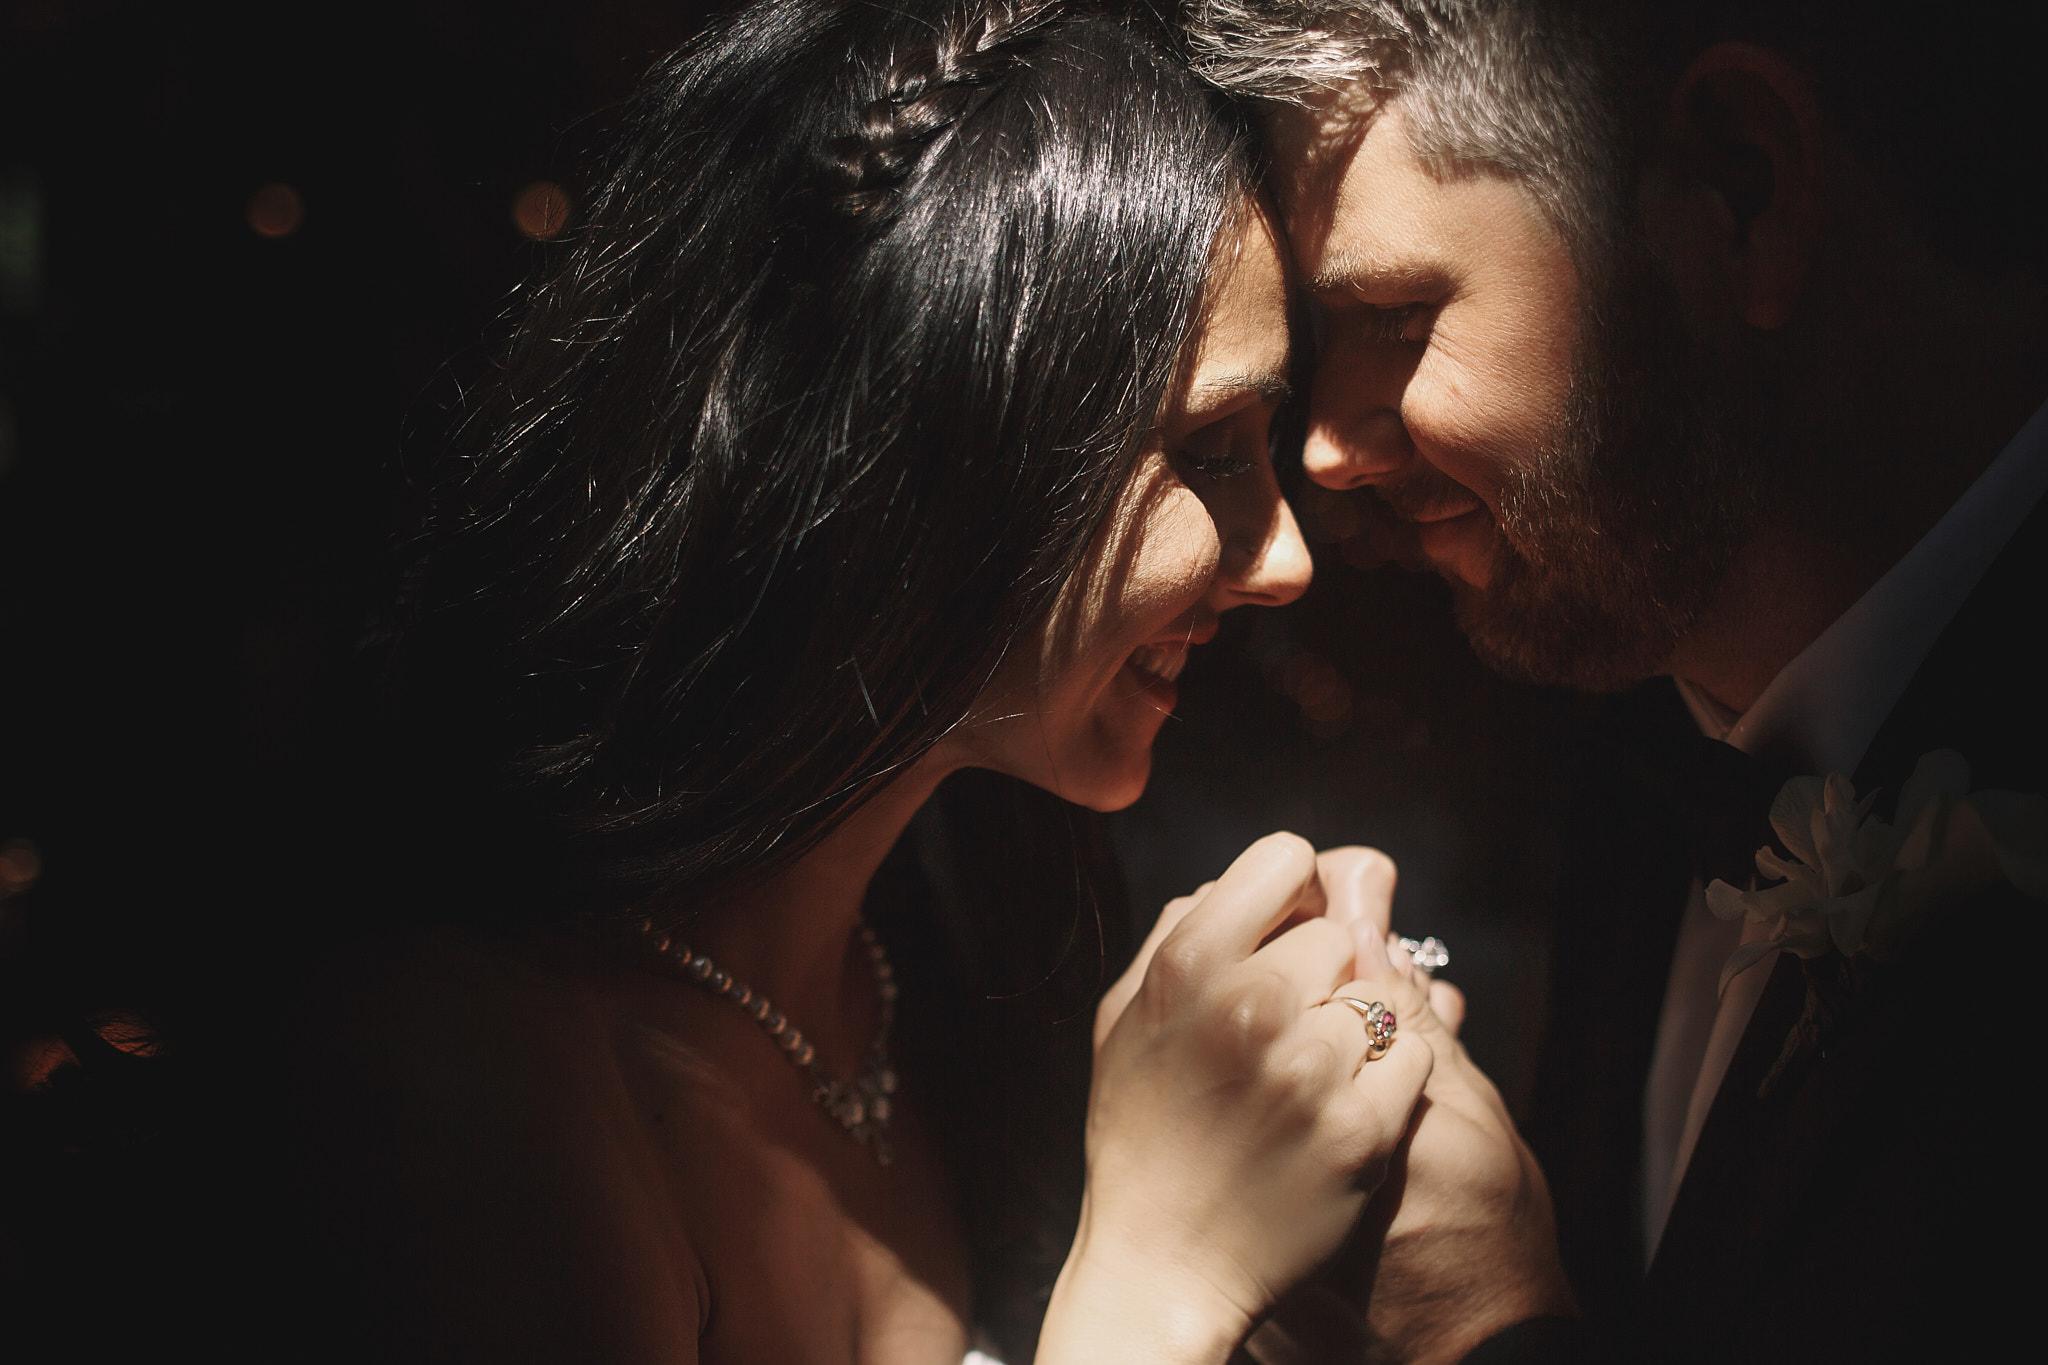 matrimonio rid 0_163